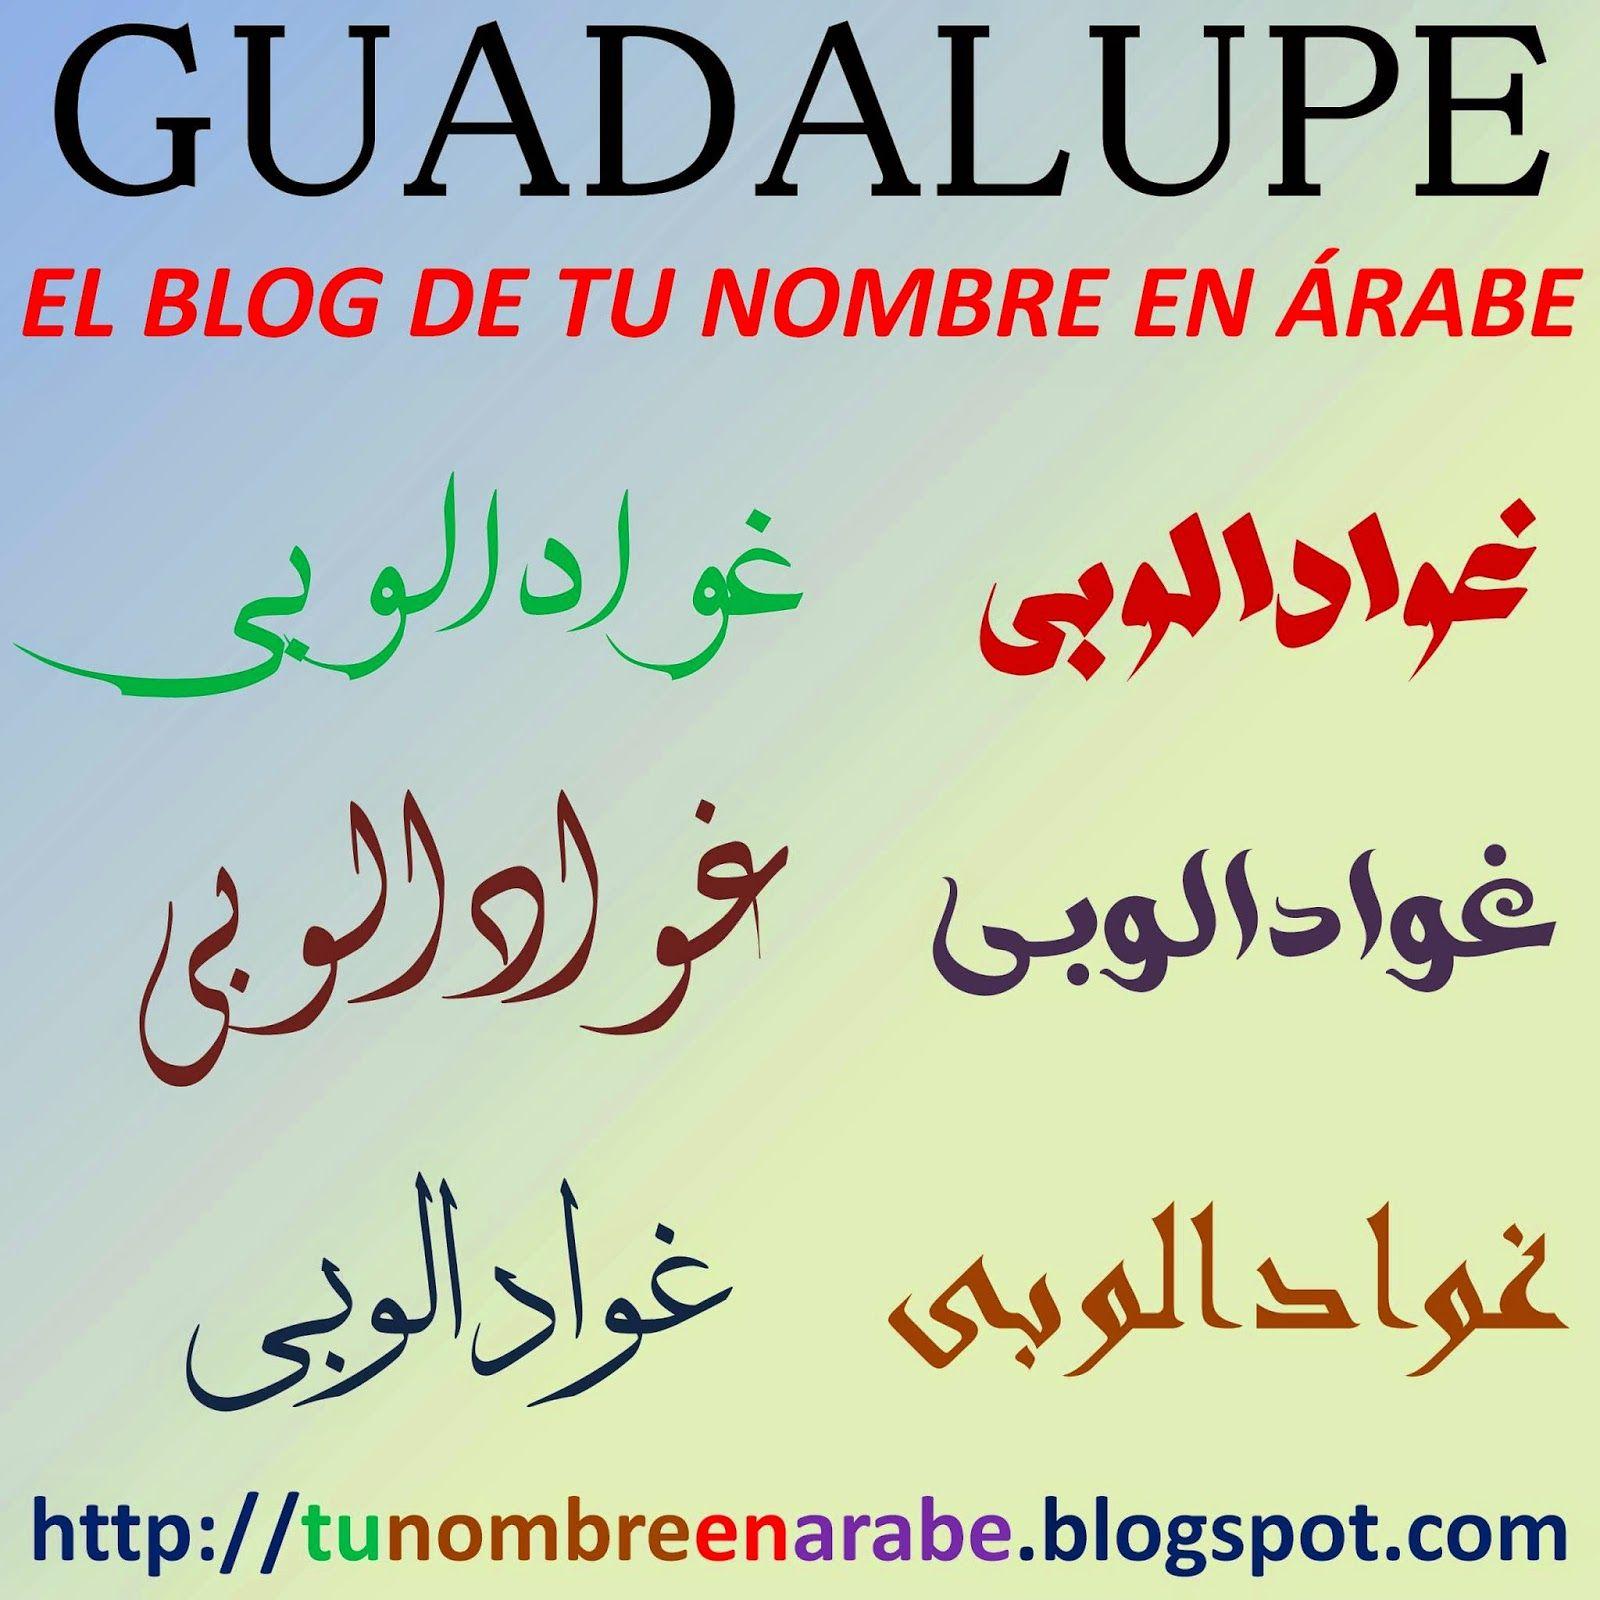 Imagenes De Tu Nombre En Arabe Tatuajes Letras Arabes Nombres